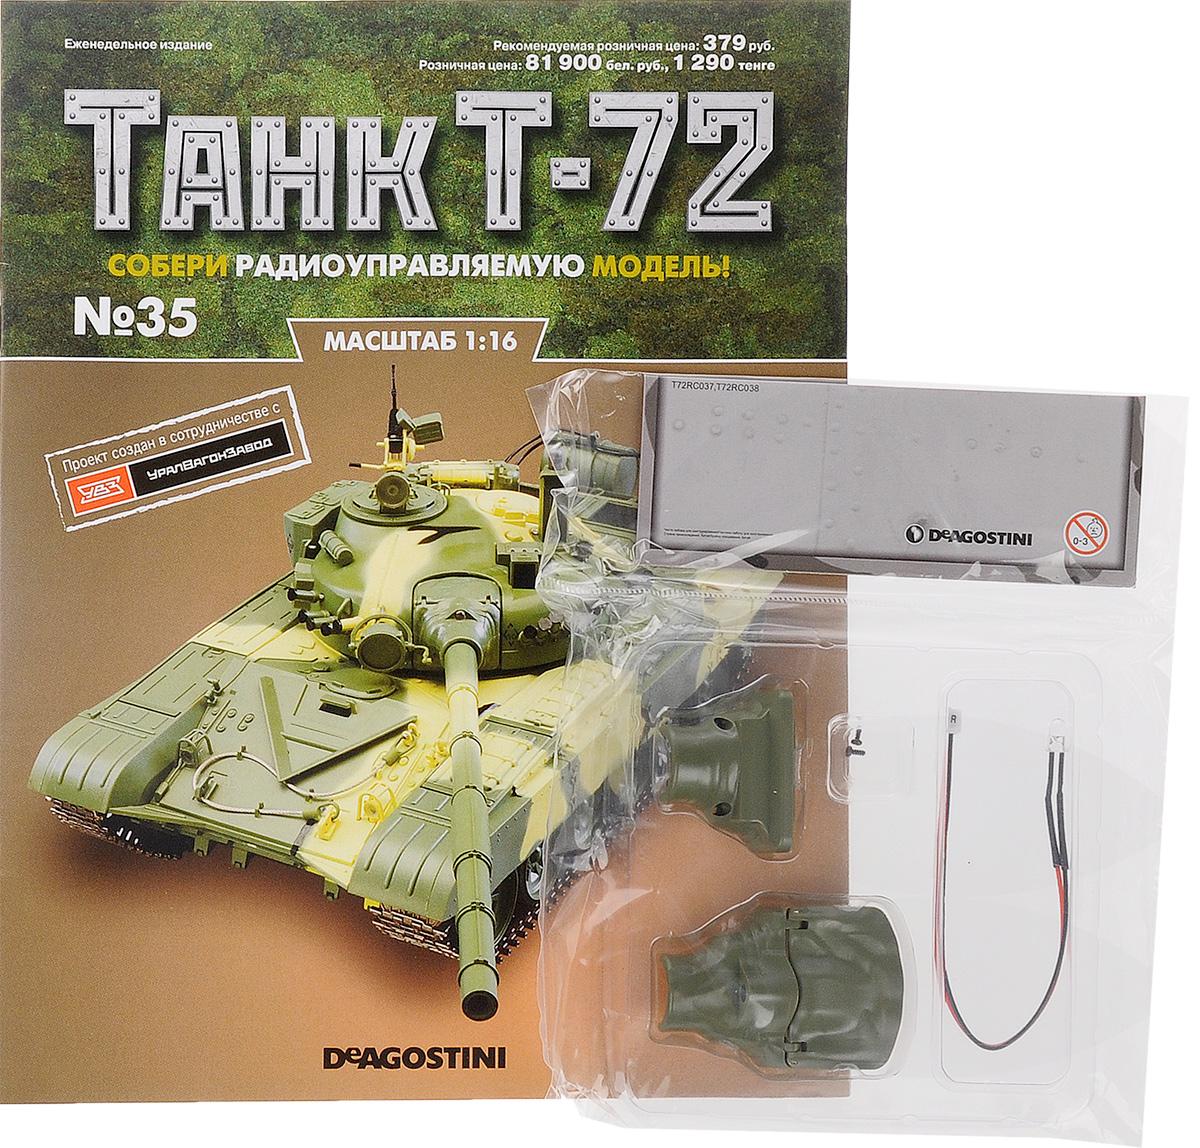 Журнал Танк Т-72 №35TANK035Перед вами - журнал из уникальной серии партворков Танк Т-72 с увлекательной информацией о легендарных боевых машинах и элементами для сборки копии танка Т-72 в уменьшенном варианте 1:16. У вас есть возможность собственноручно создать высококачественную модель этого знаменитого танка с достоверным воспроизведением всех элементов, сохранением функций подлинной боевой машины и дистанционным управлением. В комплект с номером входят верхняя и нижняя части защитного кожуха, винты и светодиод с проводным коннектором. Категория 16+.